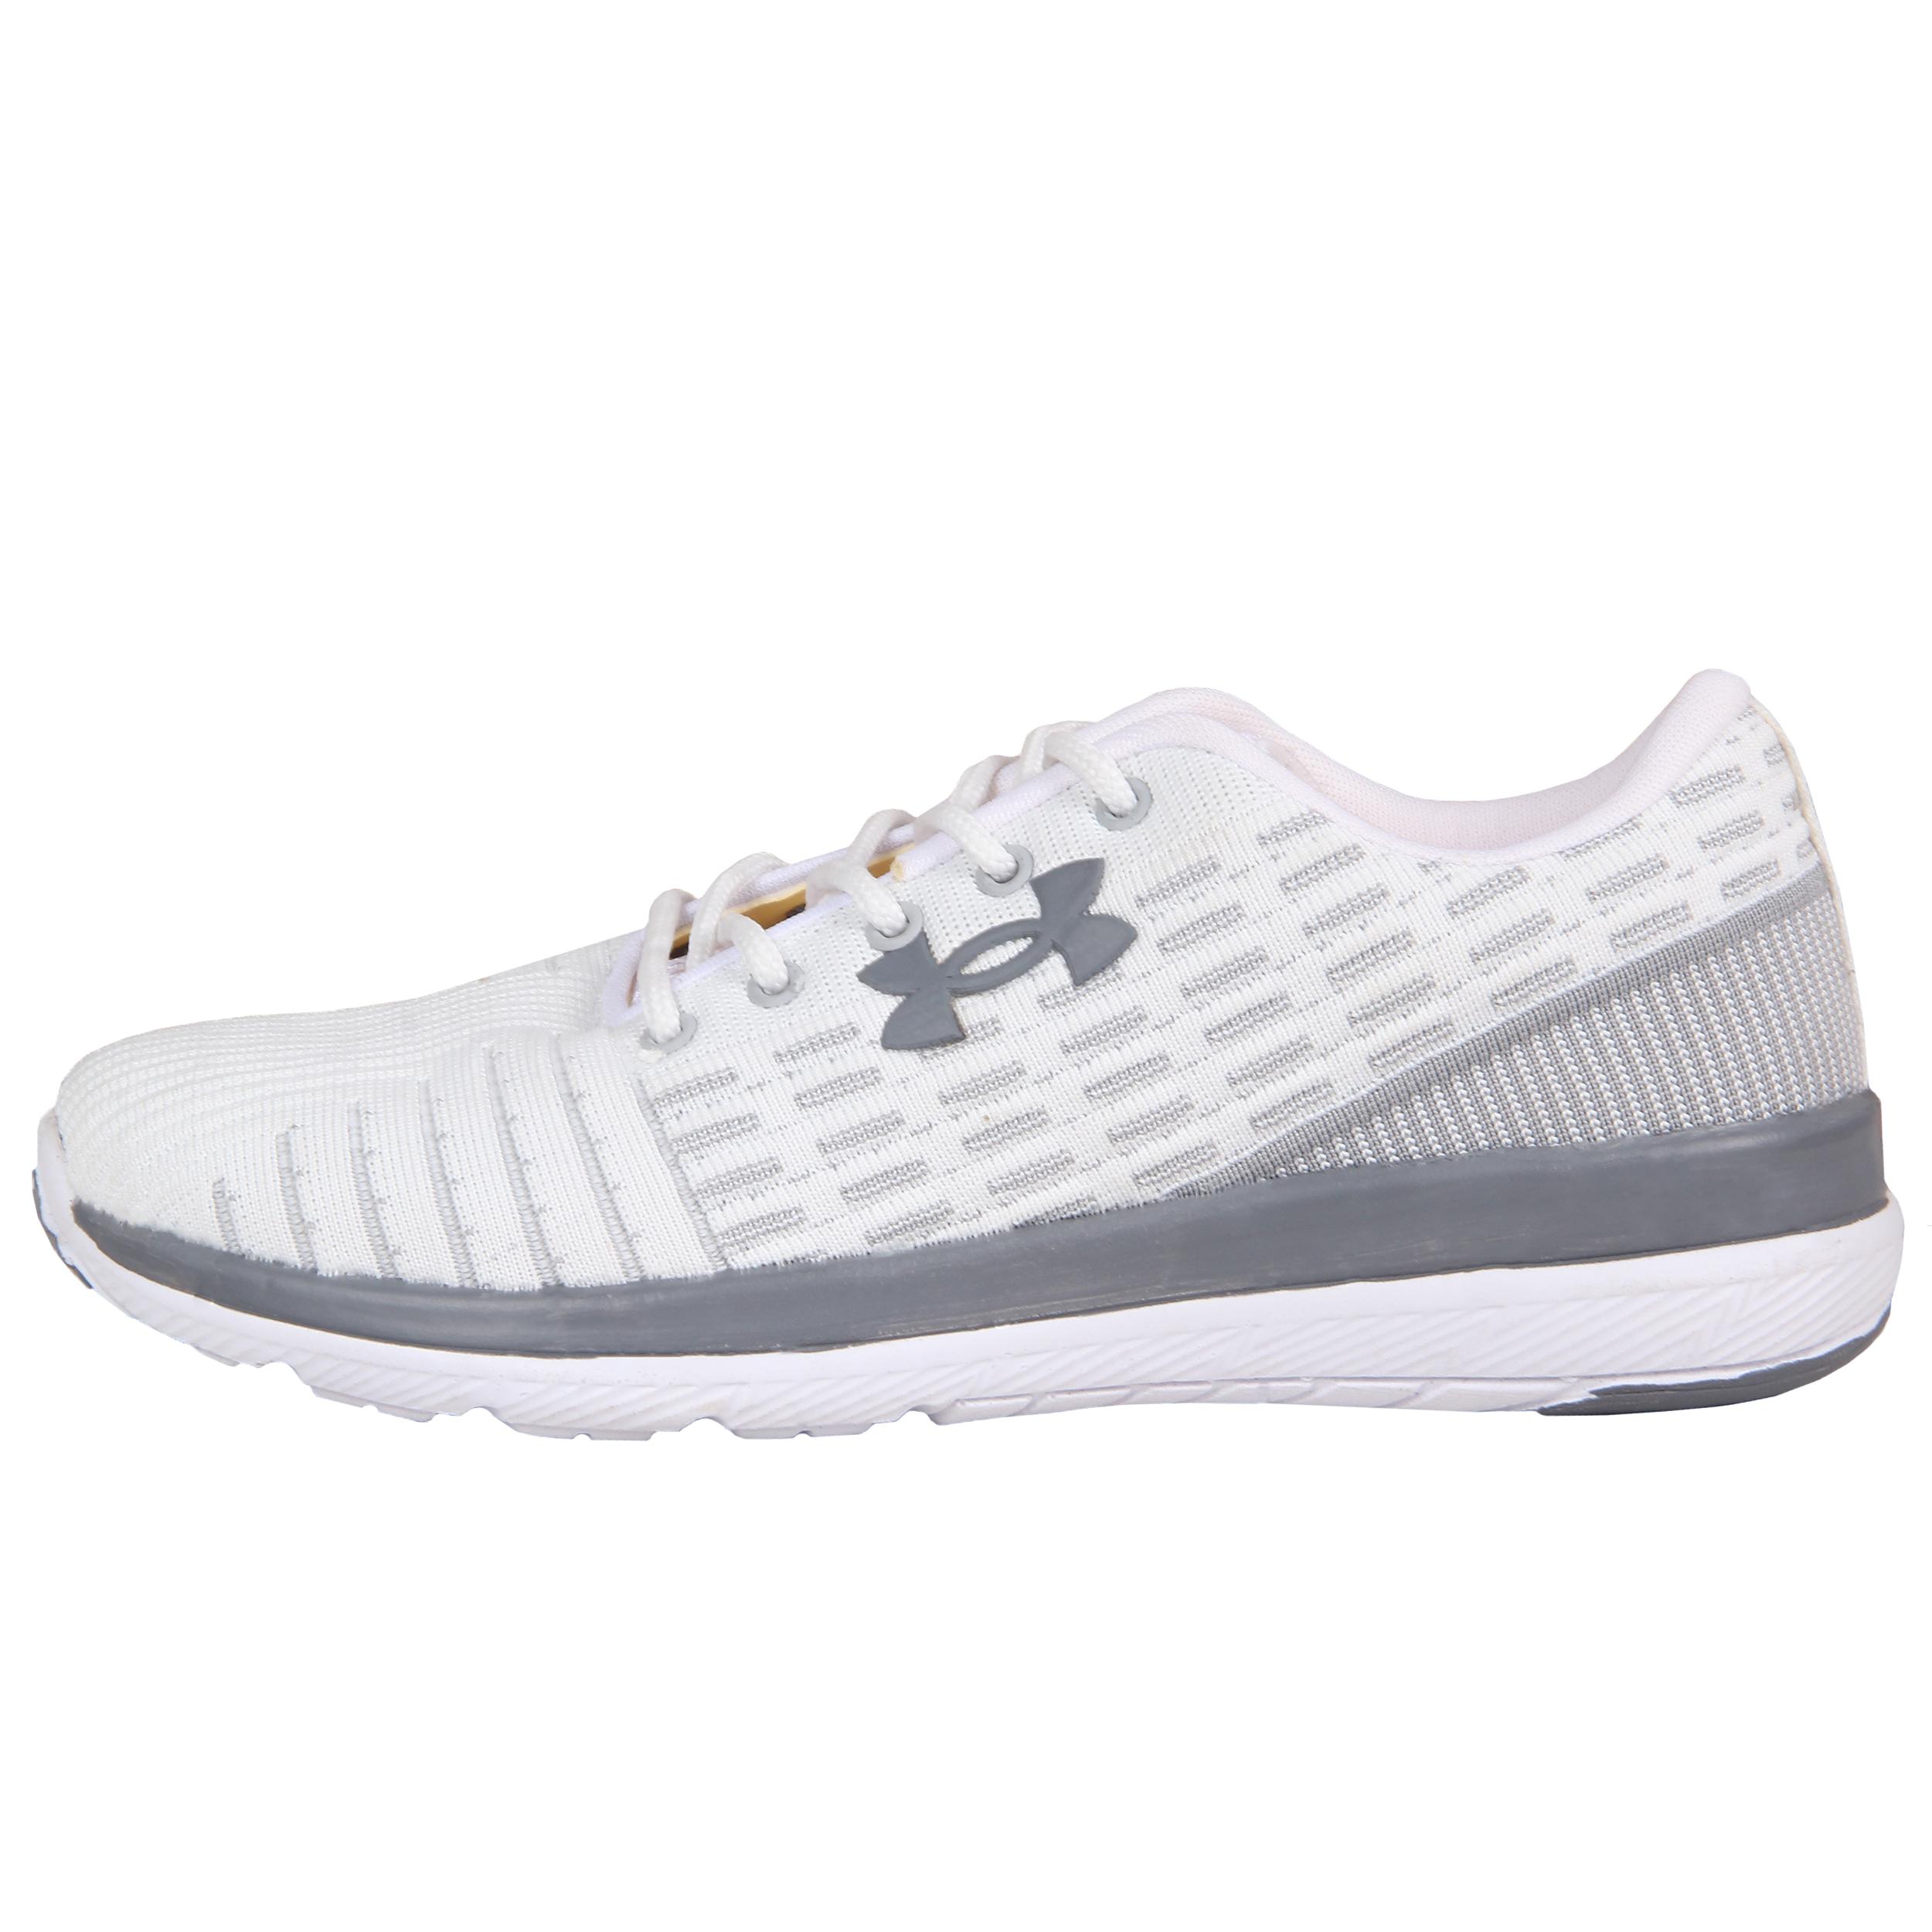 کفش مخصوص پیاده روی مردانه کد 54-124491